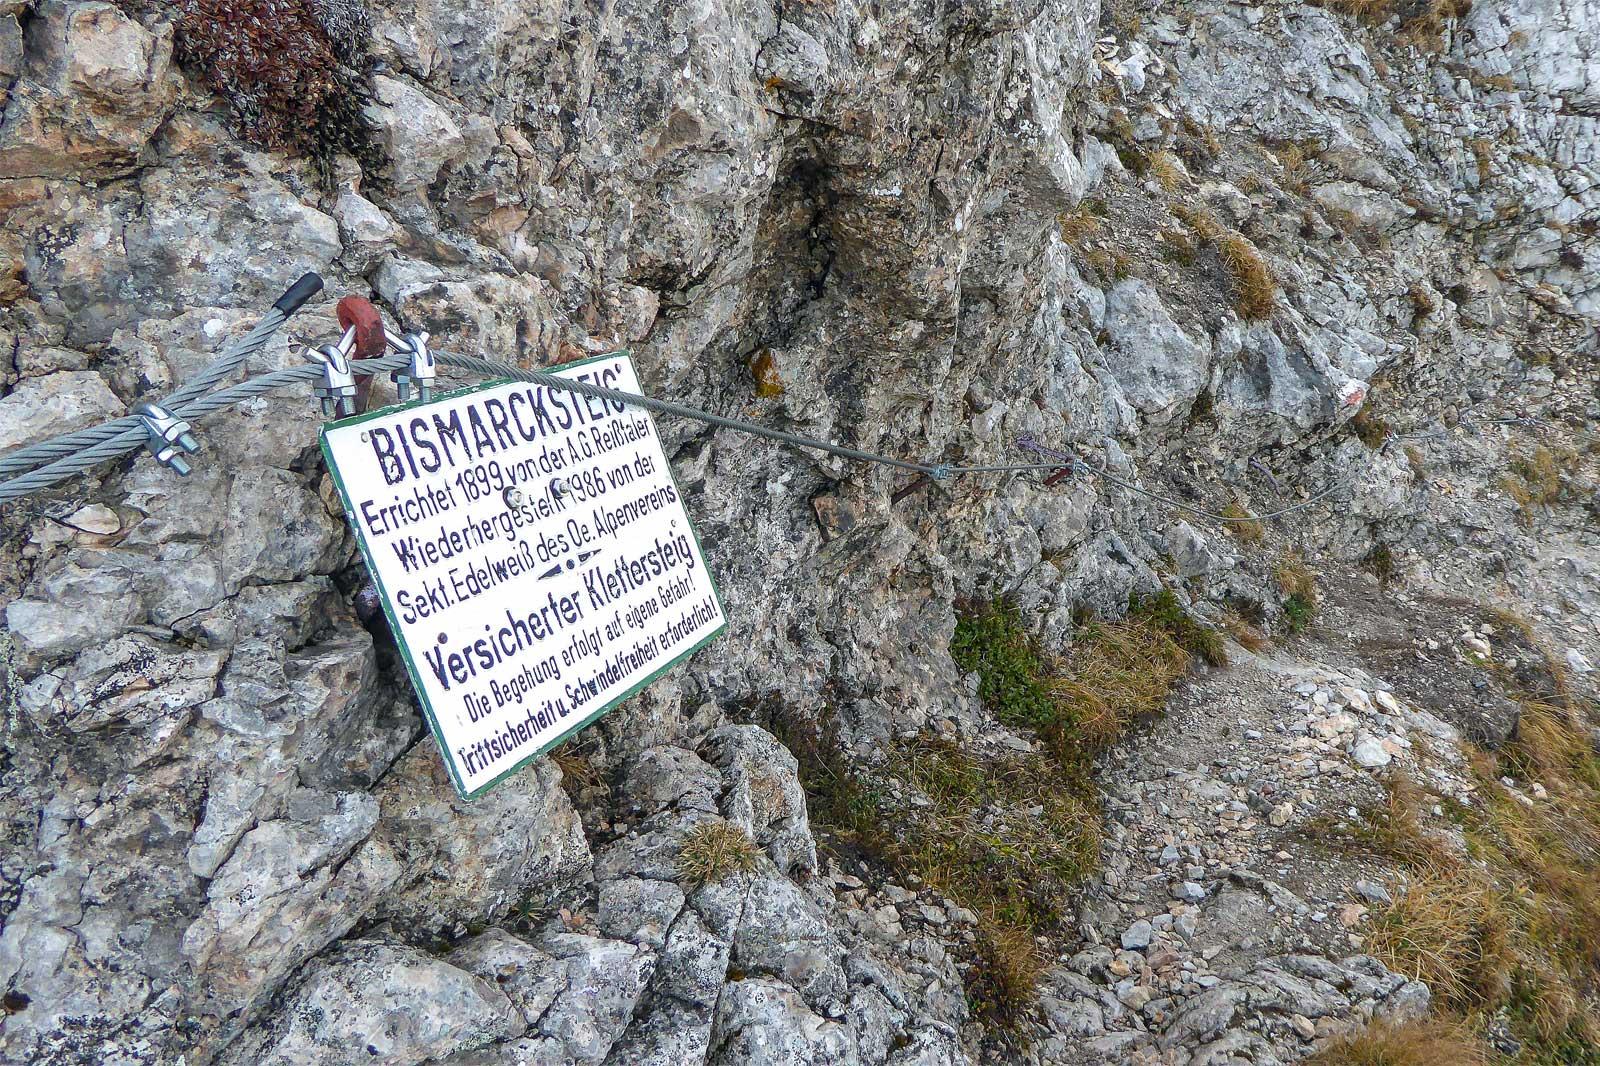 Rax: Karl-Kantner-Steig und Bismarcksteig